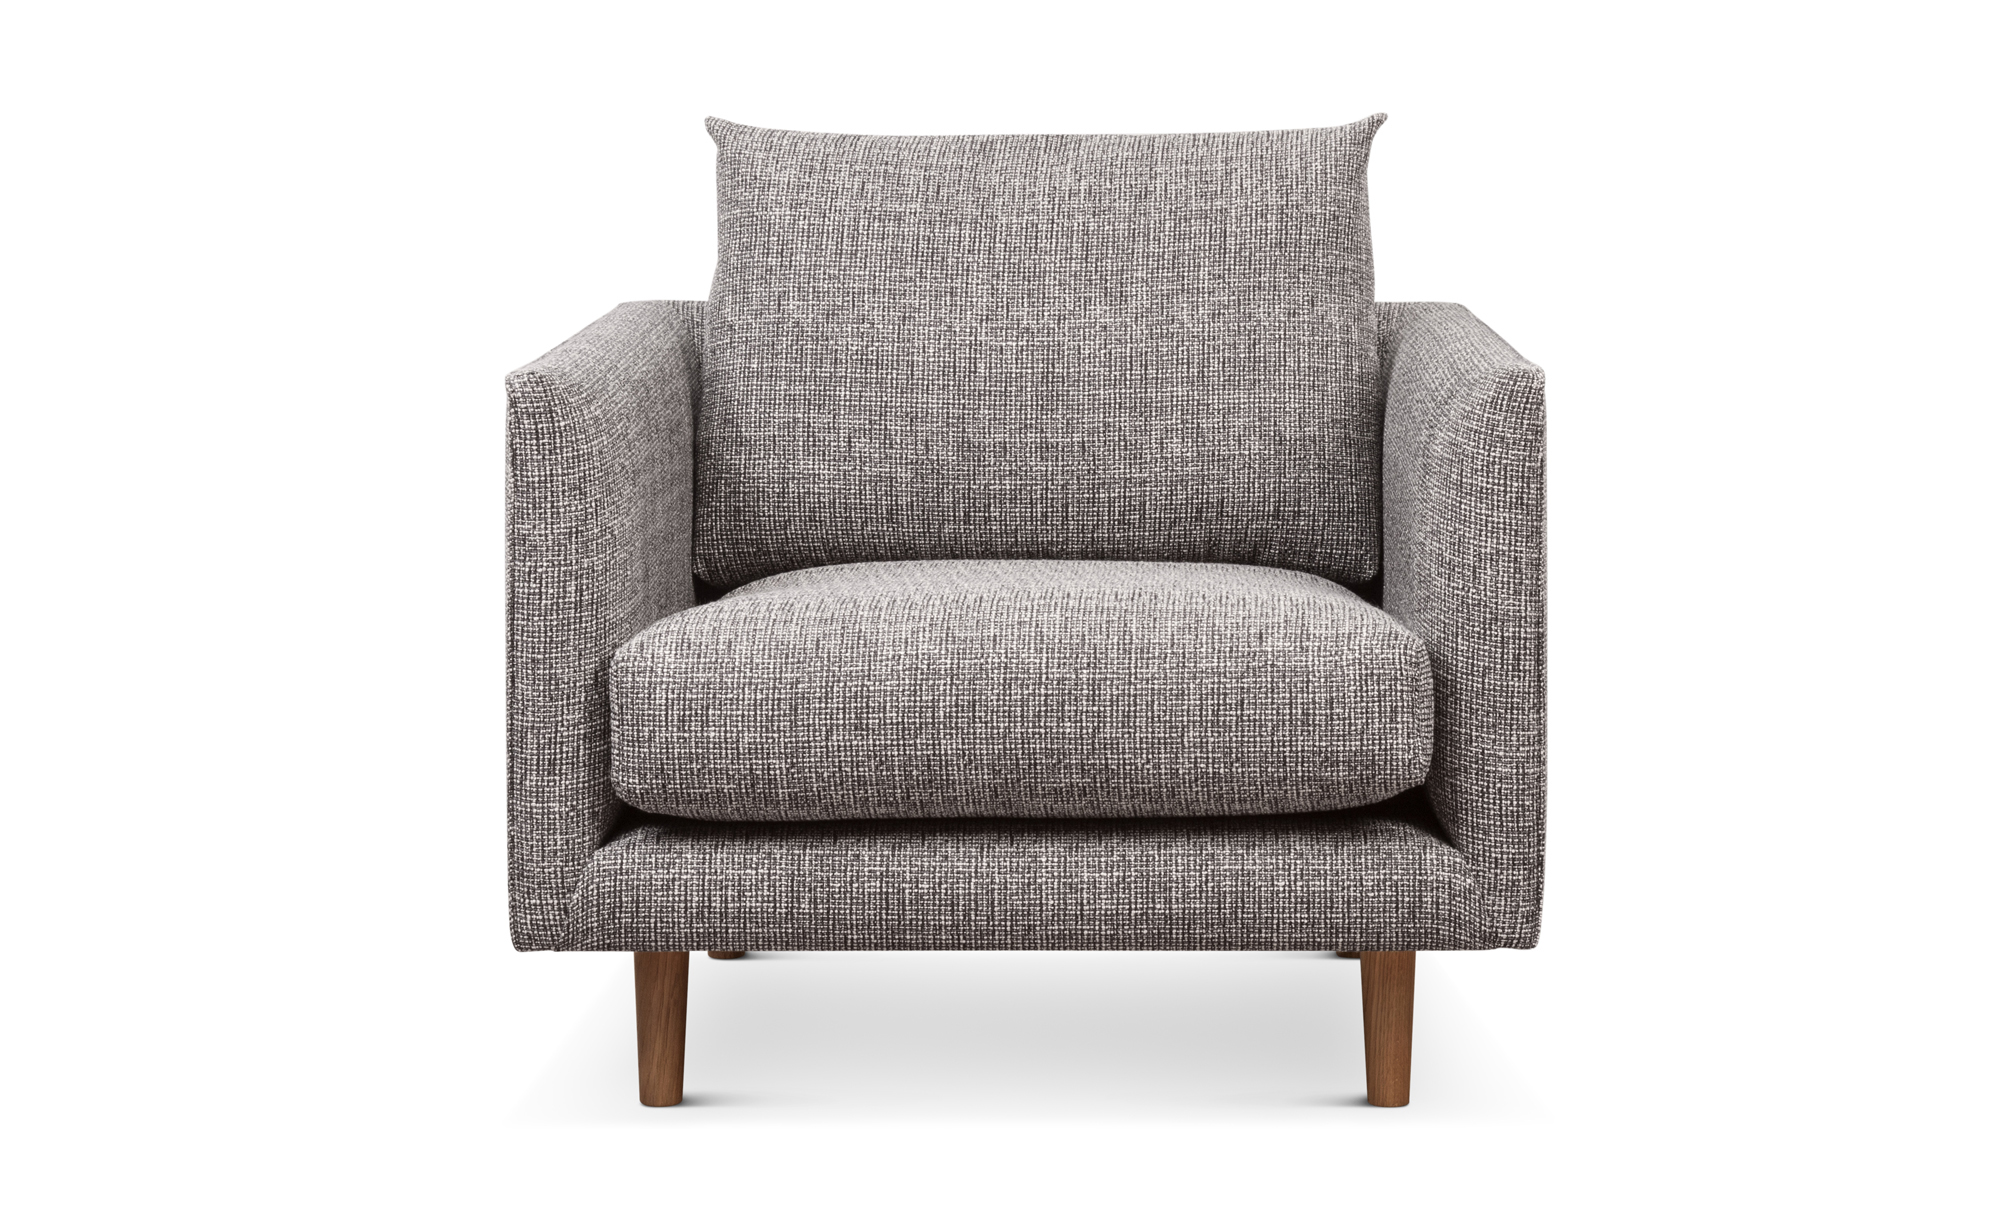 Fanuli Furniture